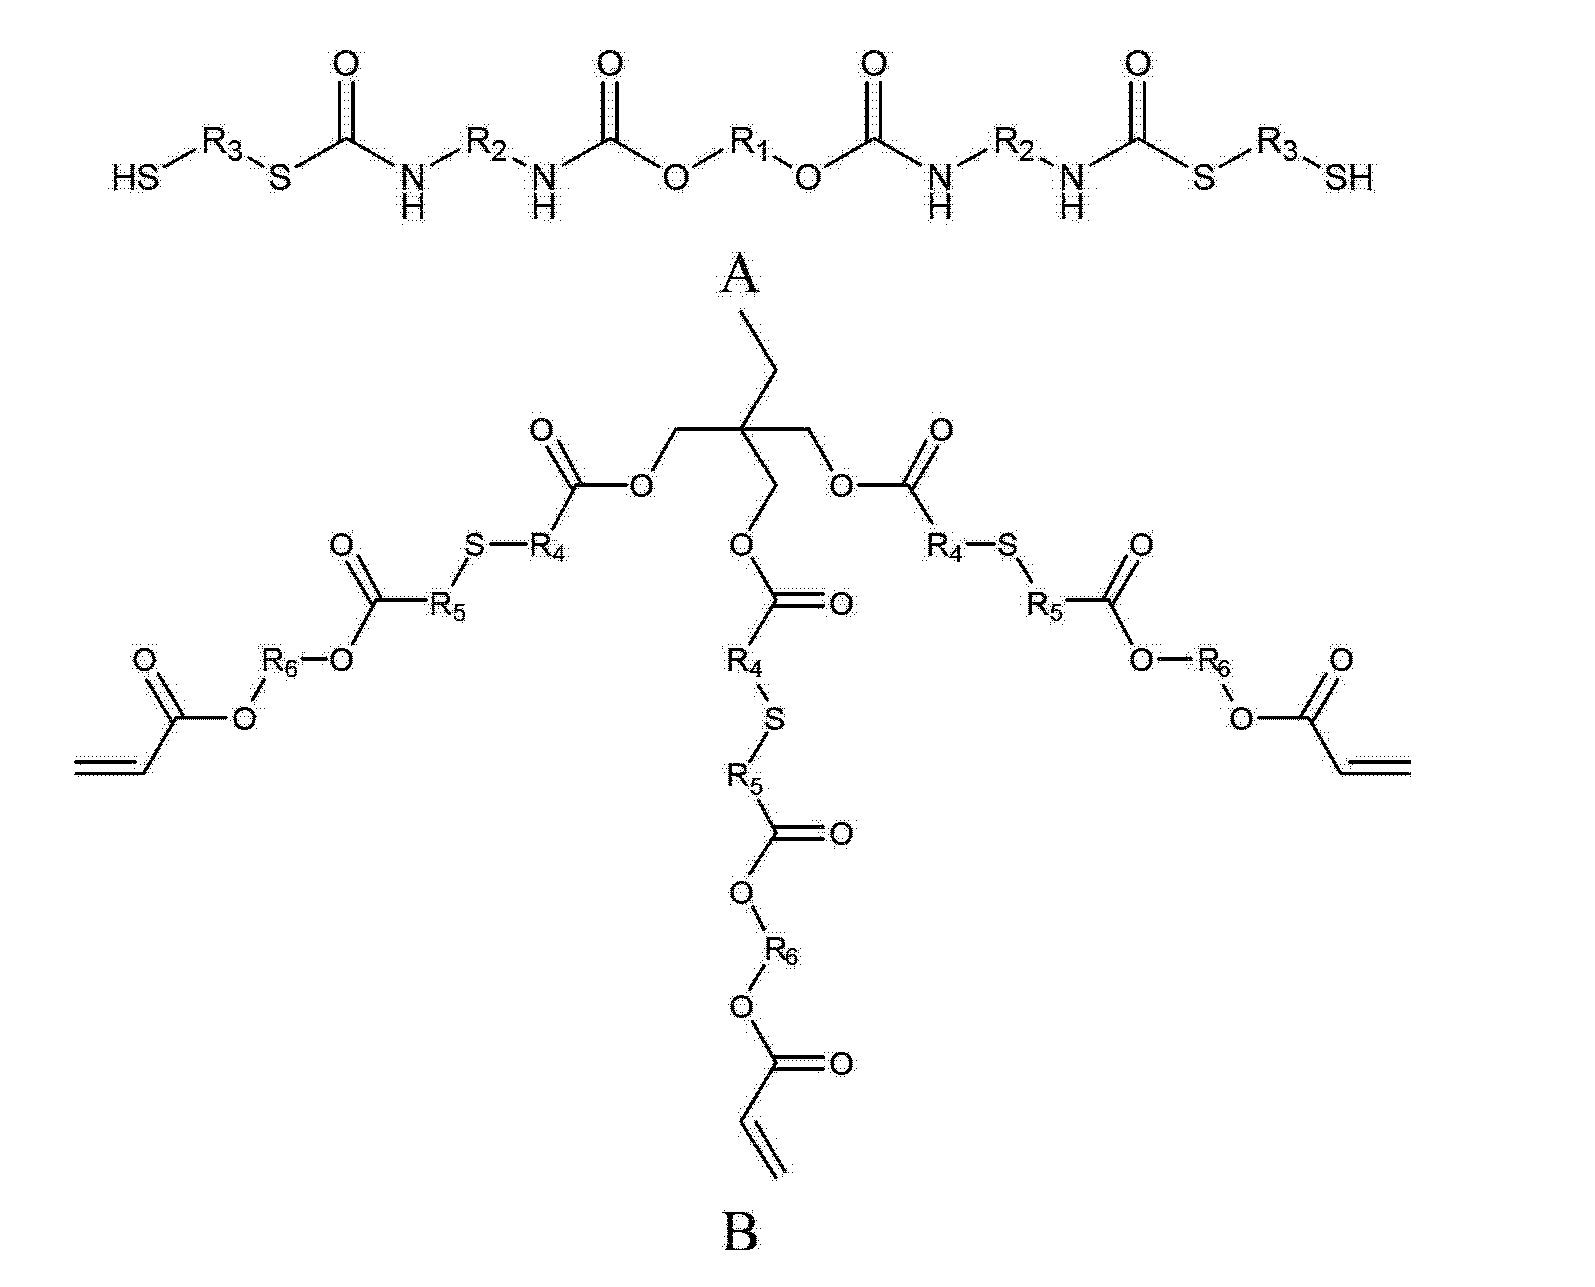 树状聚合物具有如下化学式的网状聚合结构